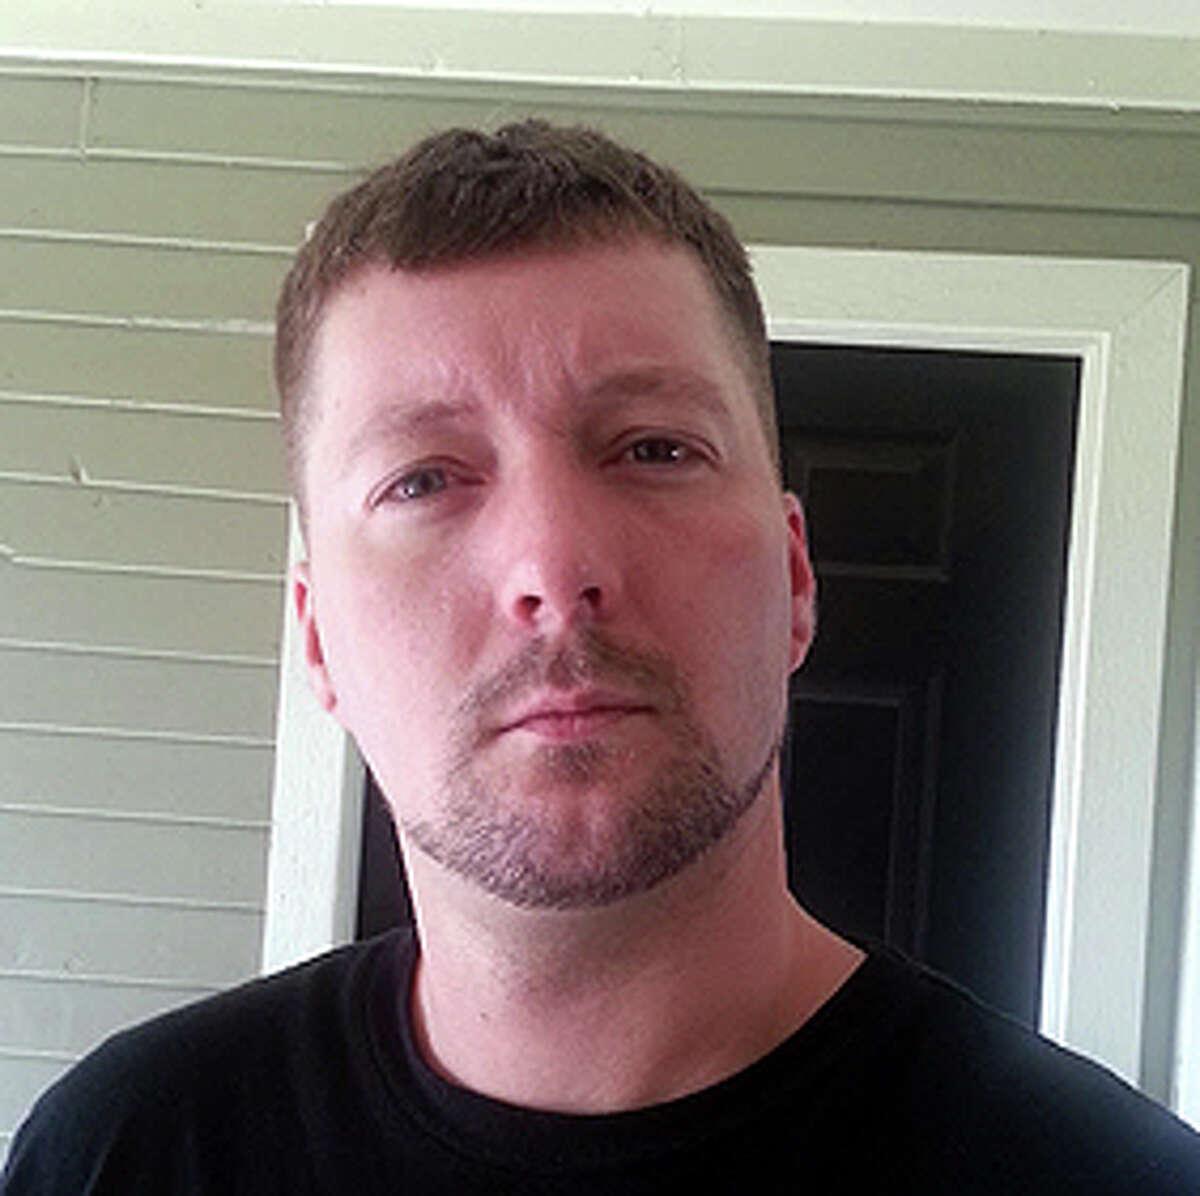 Vector Thorn (Harris County Constable Pct. 4 High Tech Crimes Unit)